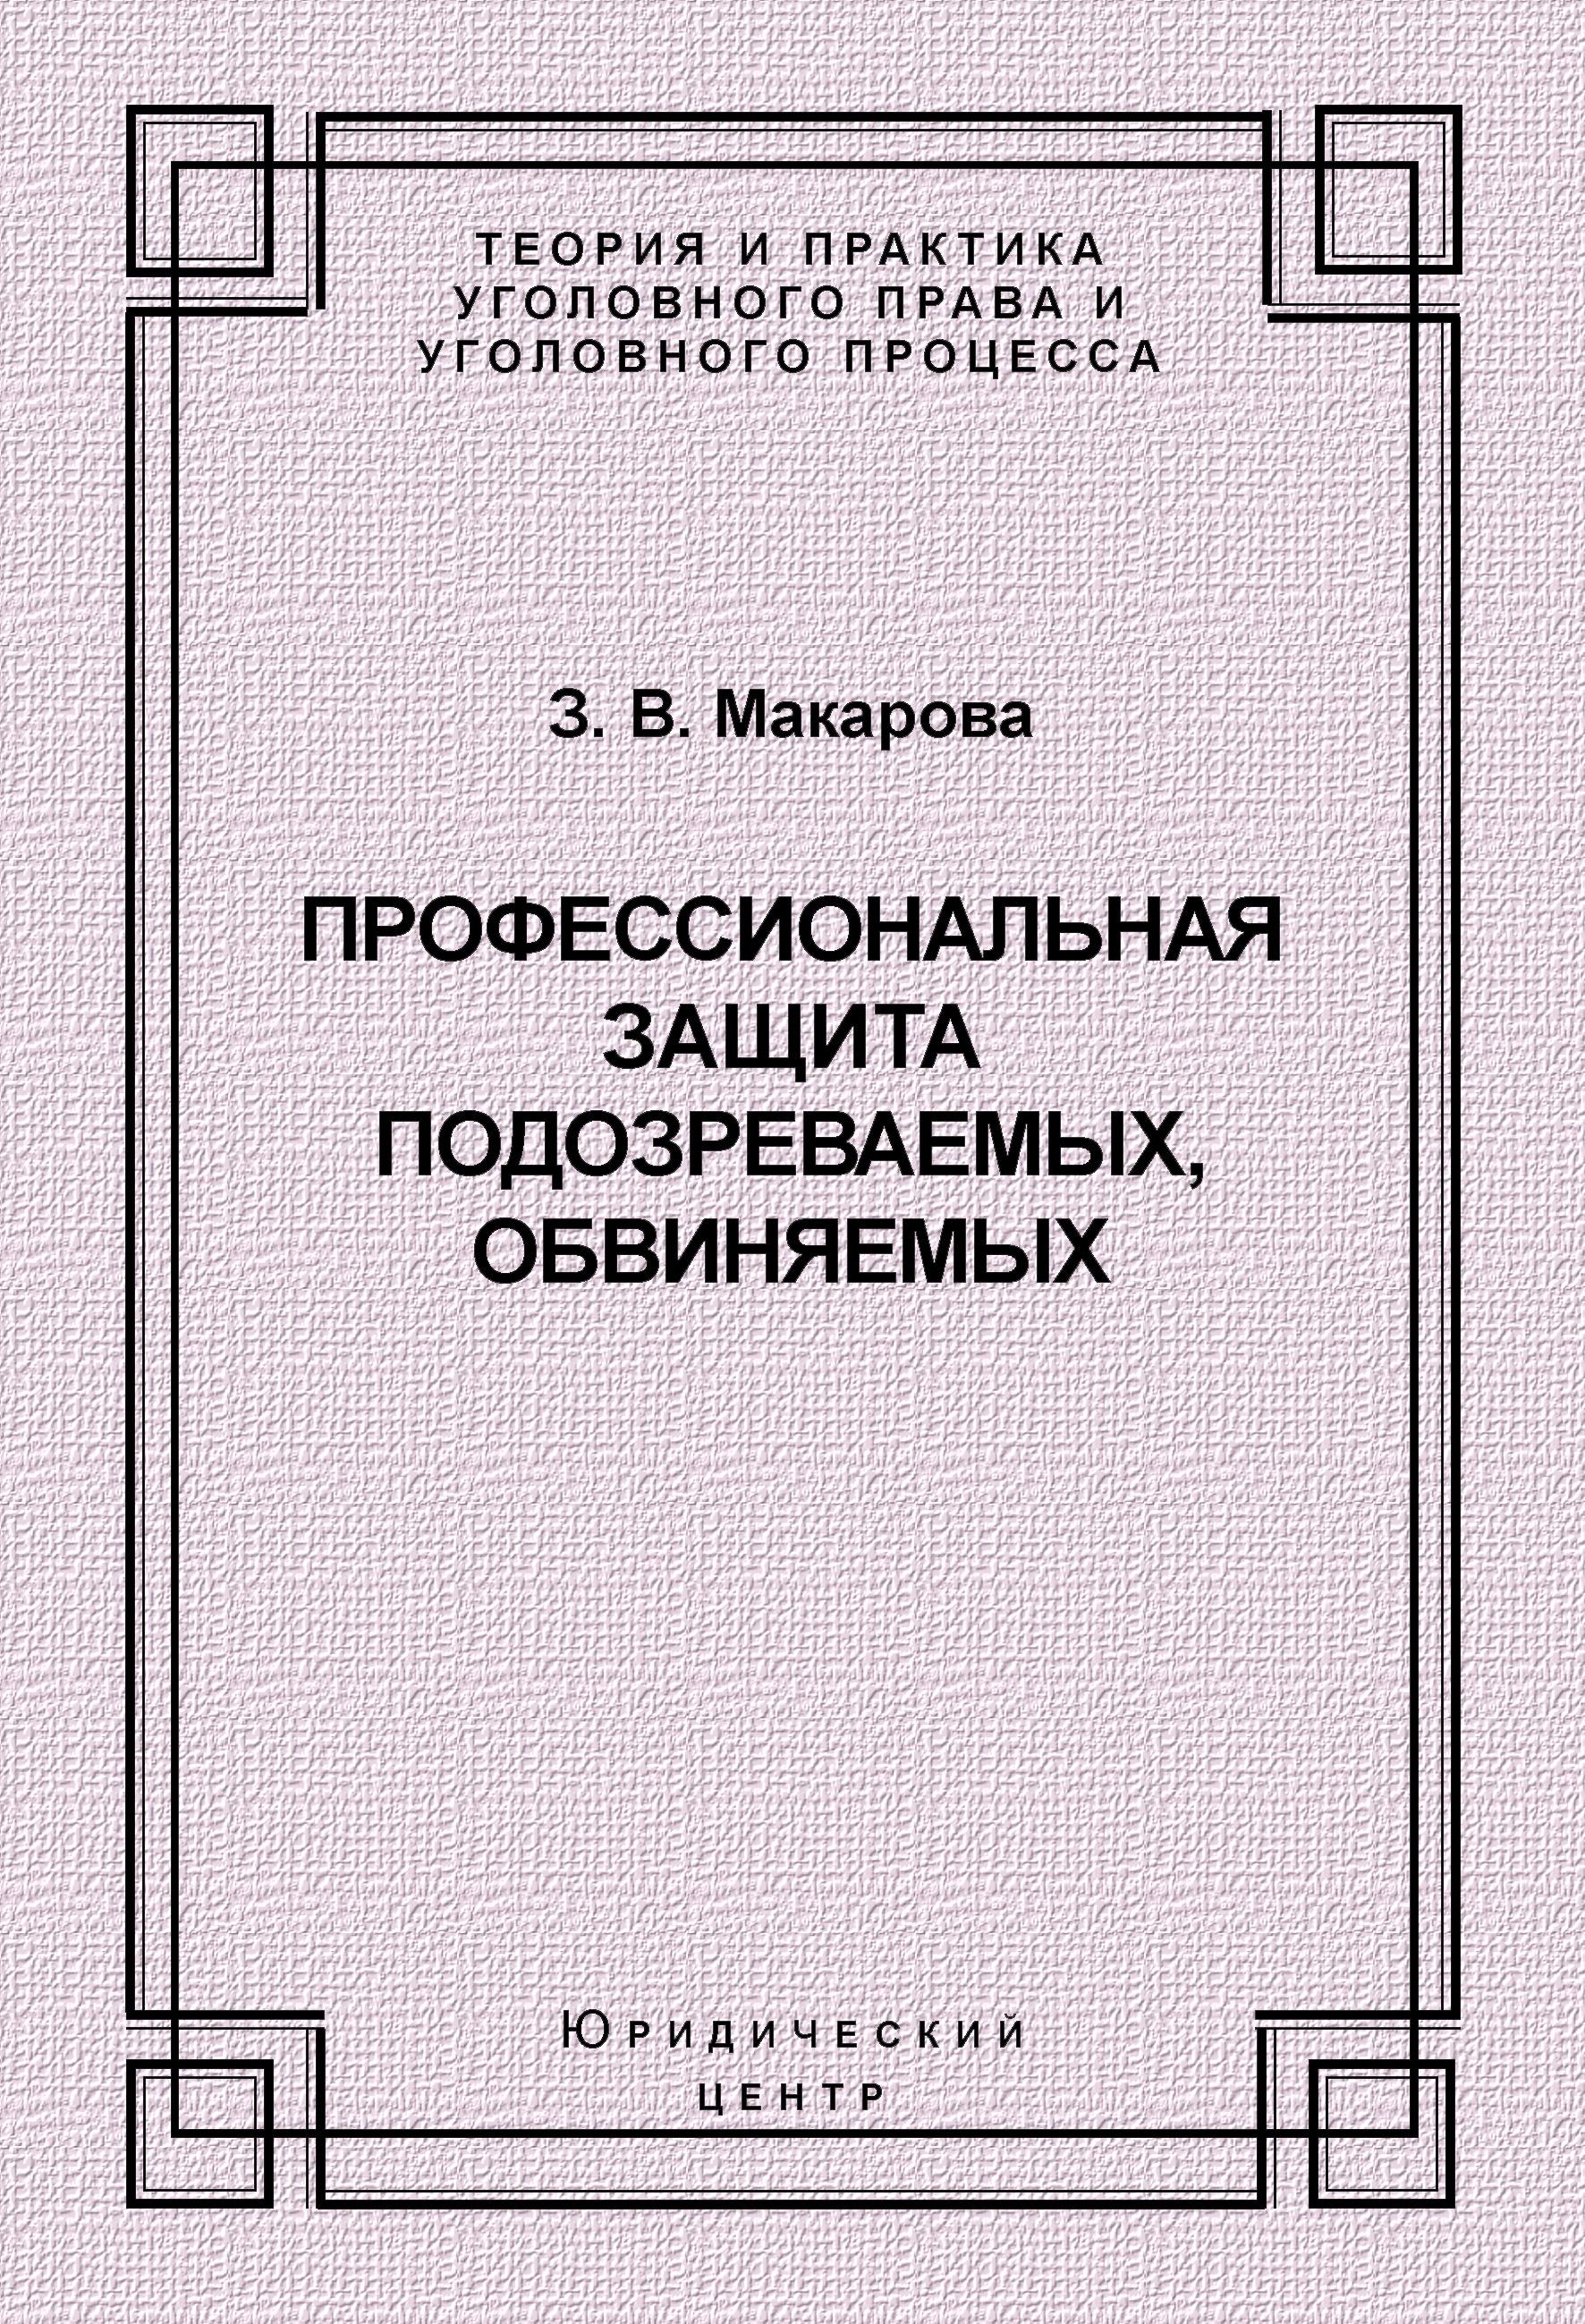 З. В. Макарова Профессиональная защита подозреваемых, обвиняемых